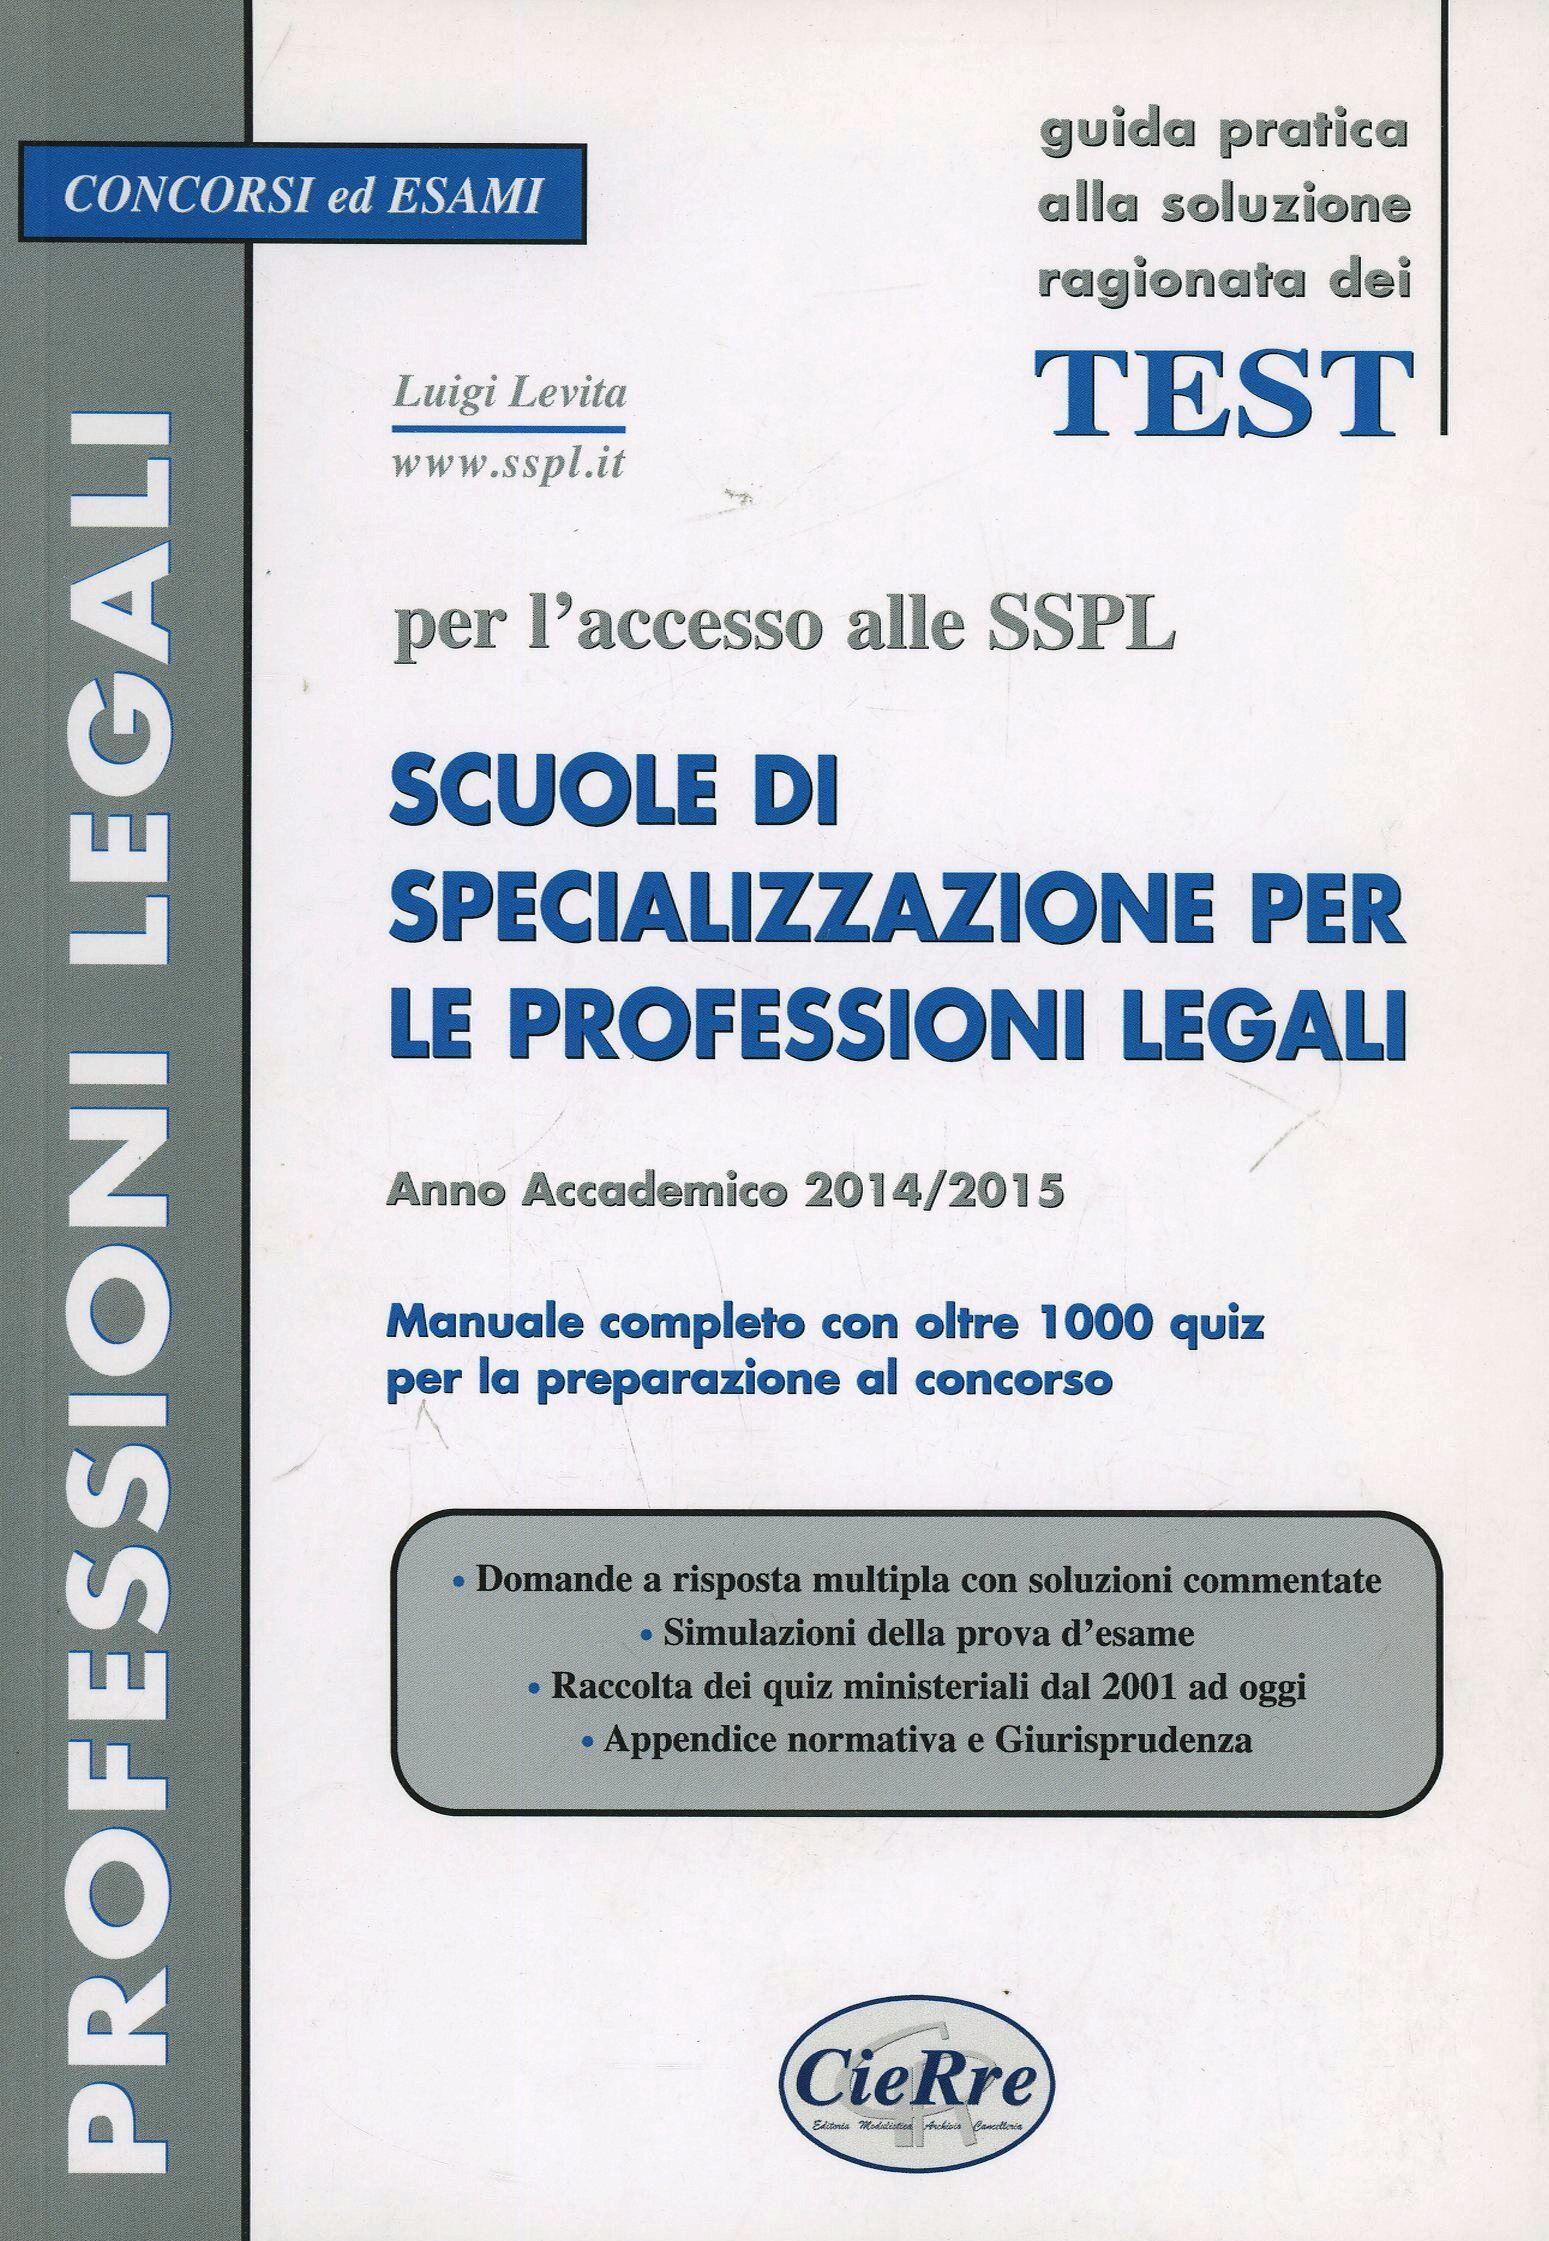 SSPL. Scuole di specializzazione per le professioni legali. Anno accademico 2014/2015